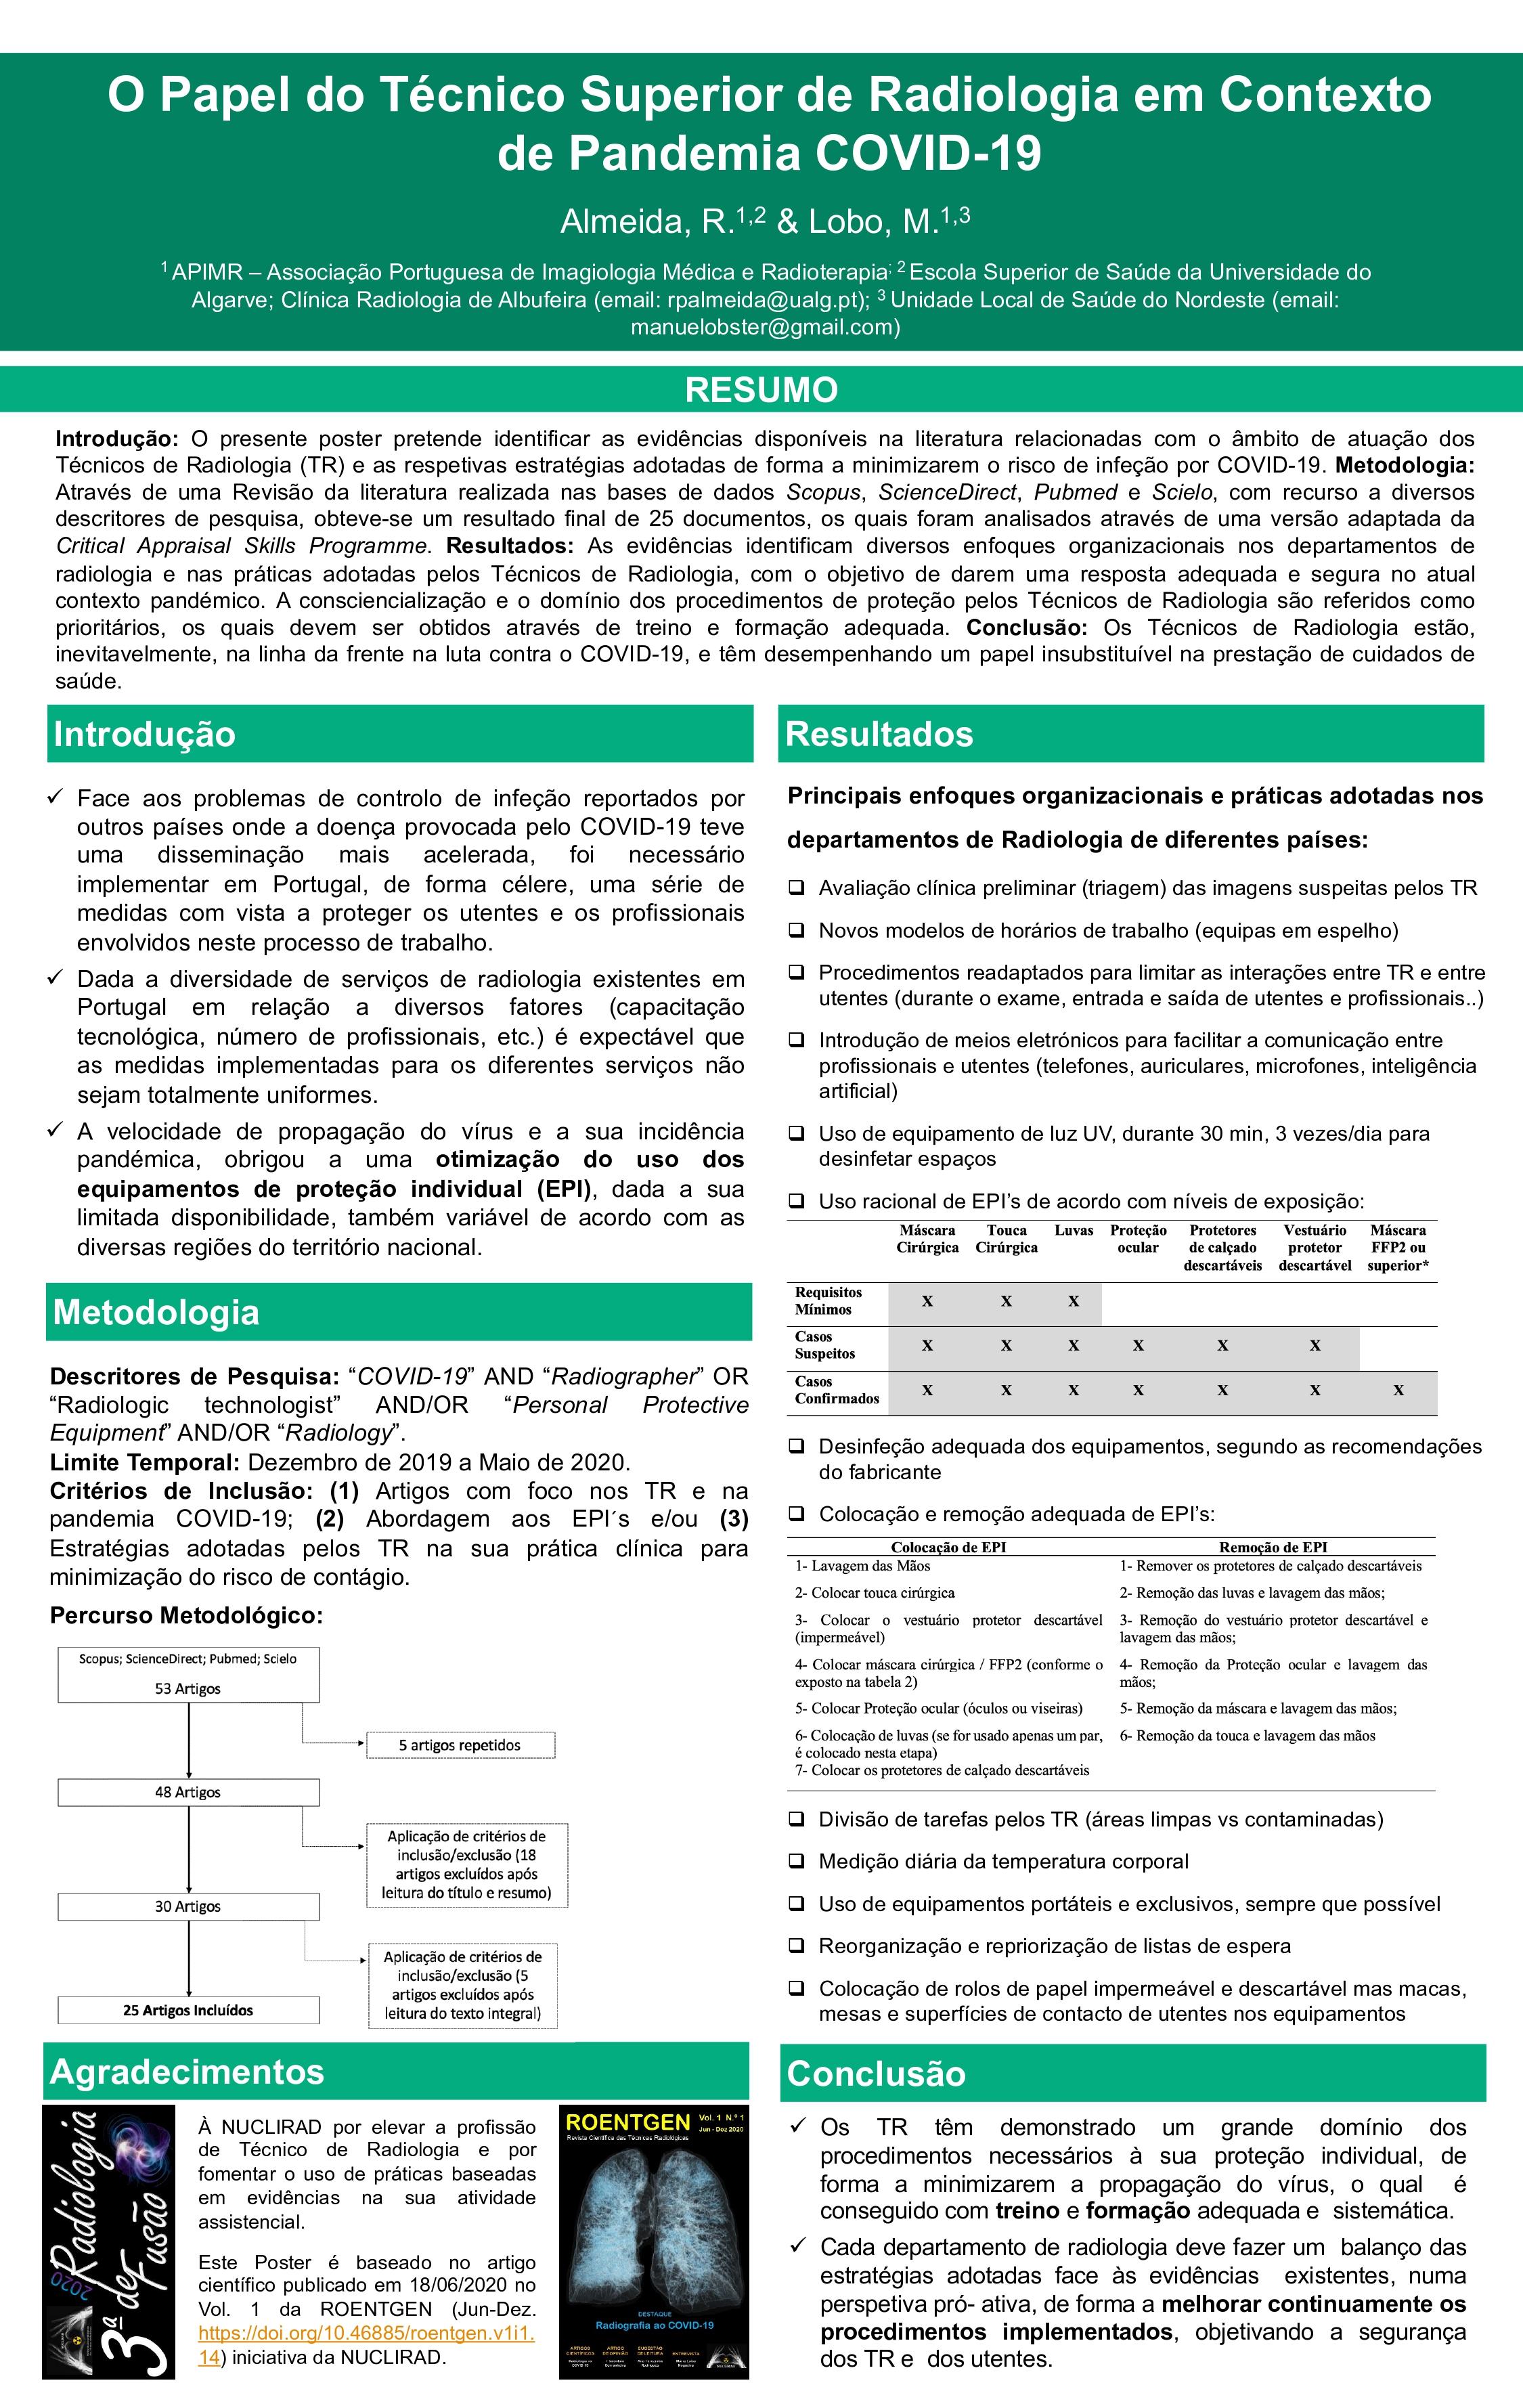 2. O Papel do TSR no Contexto de Pandemia COVID-19